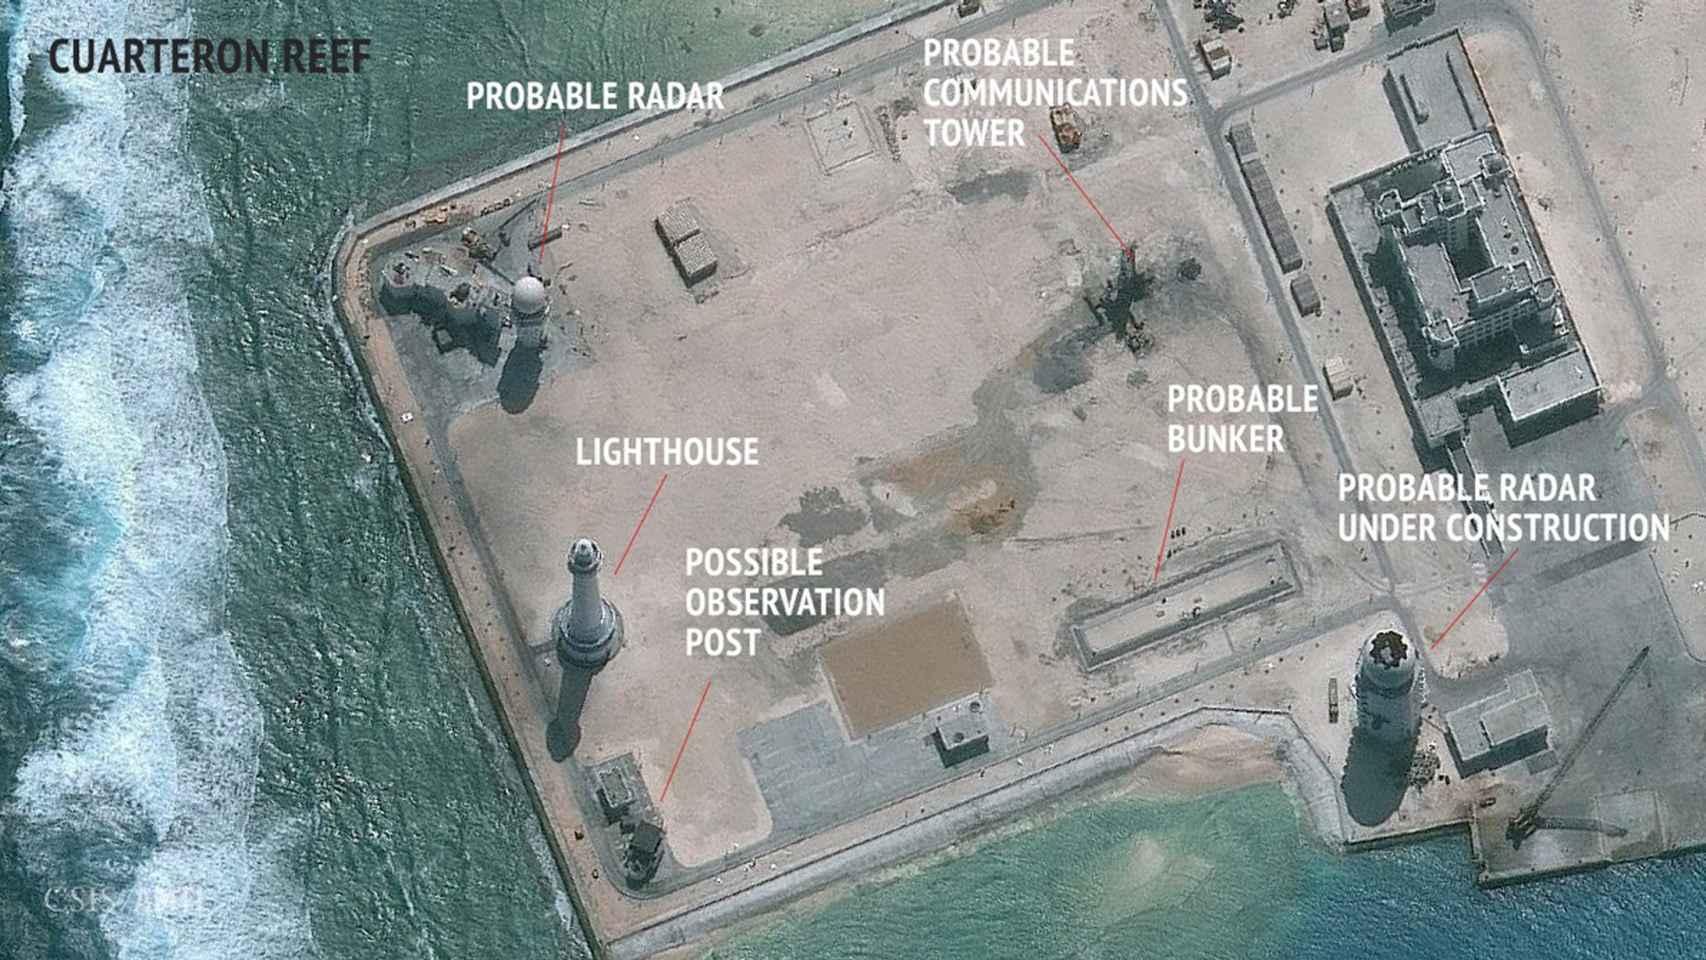 Instalaciones militares en el arrecife Cuarteron, en las islas Spratly.